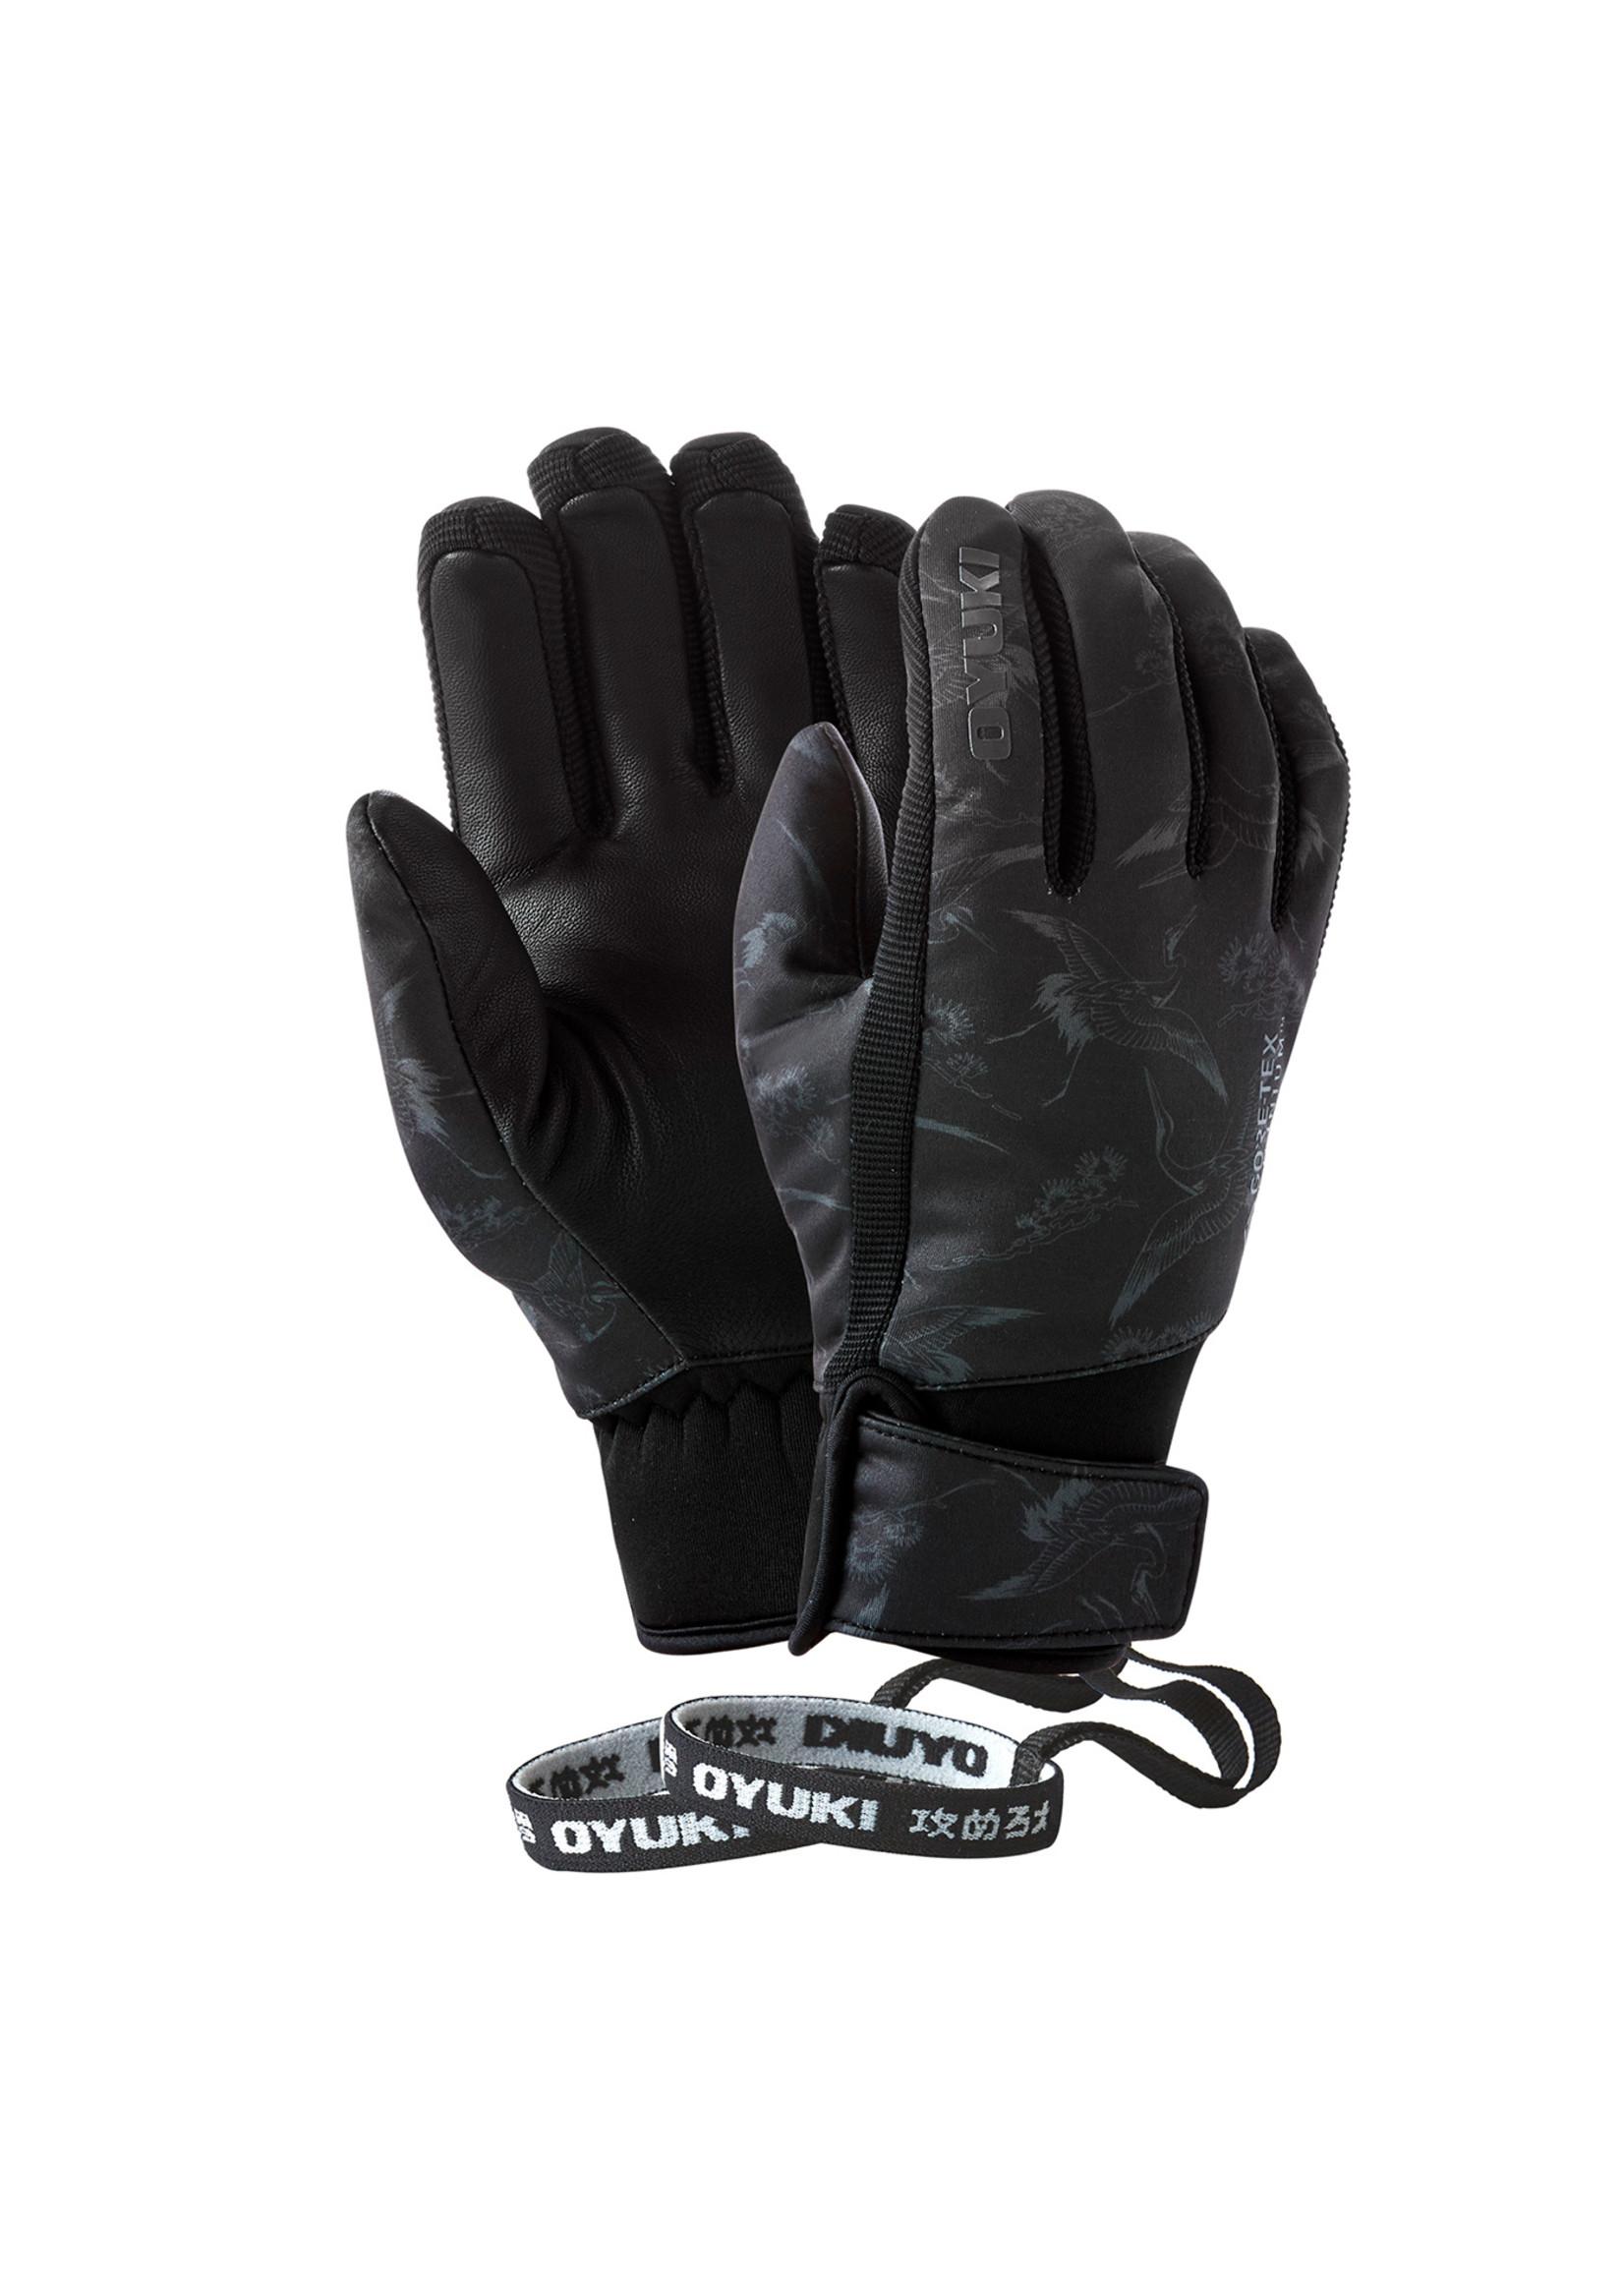 Hana Glove